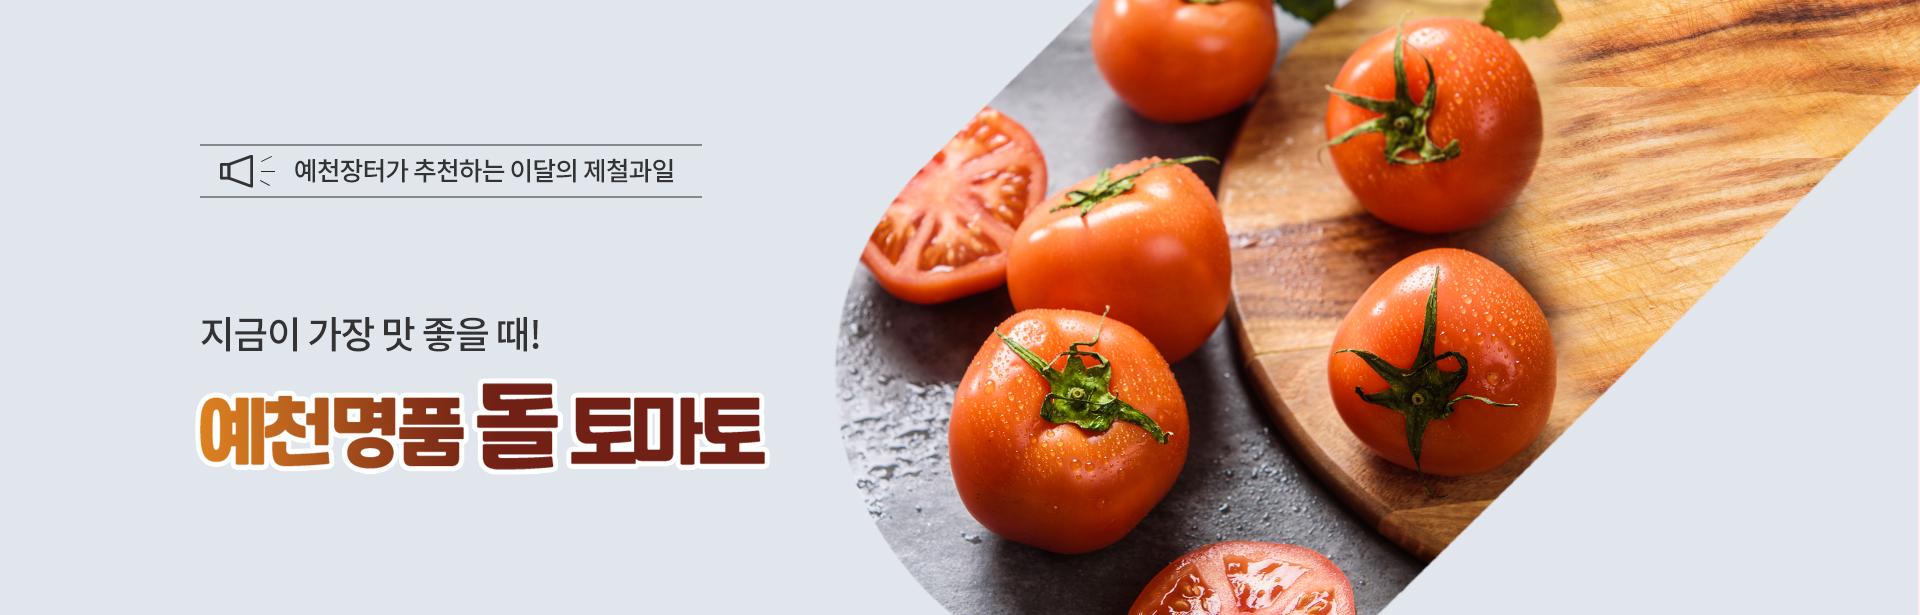 제철과일 토마토